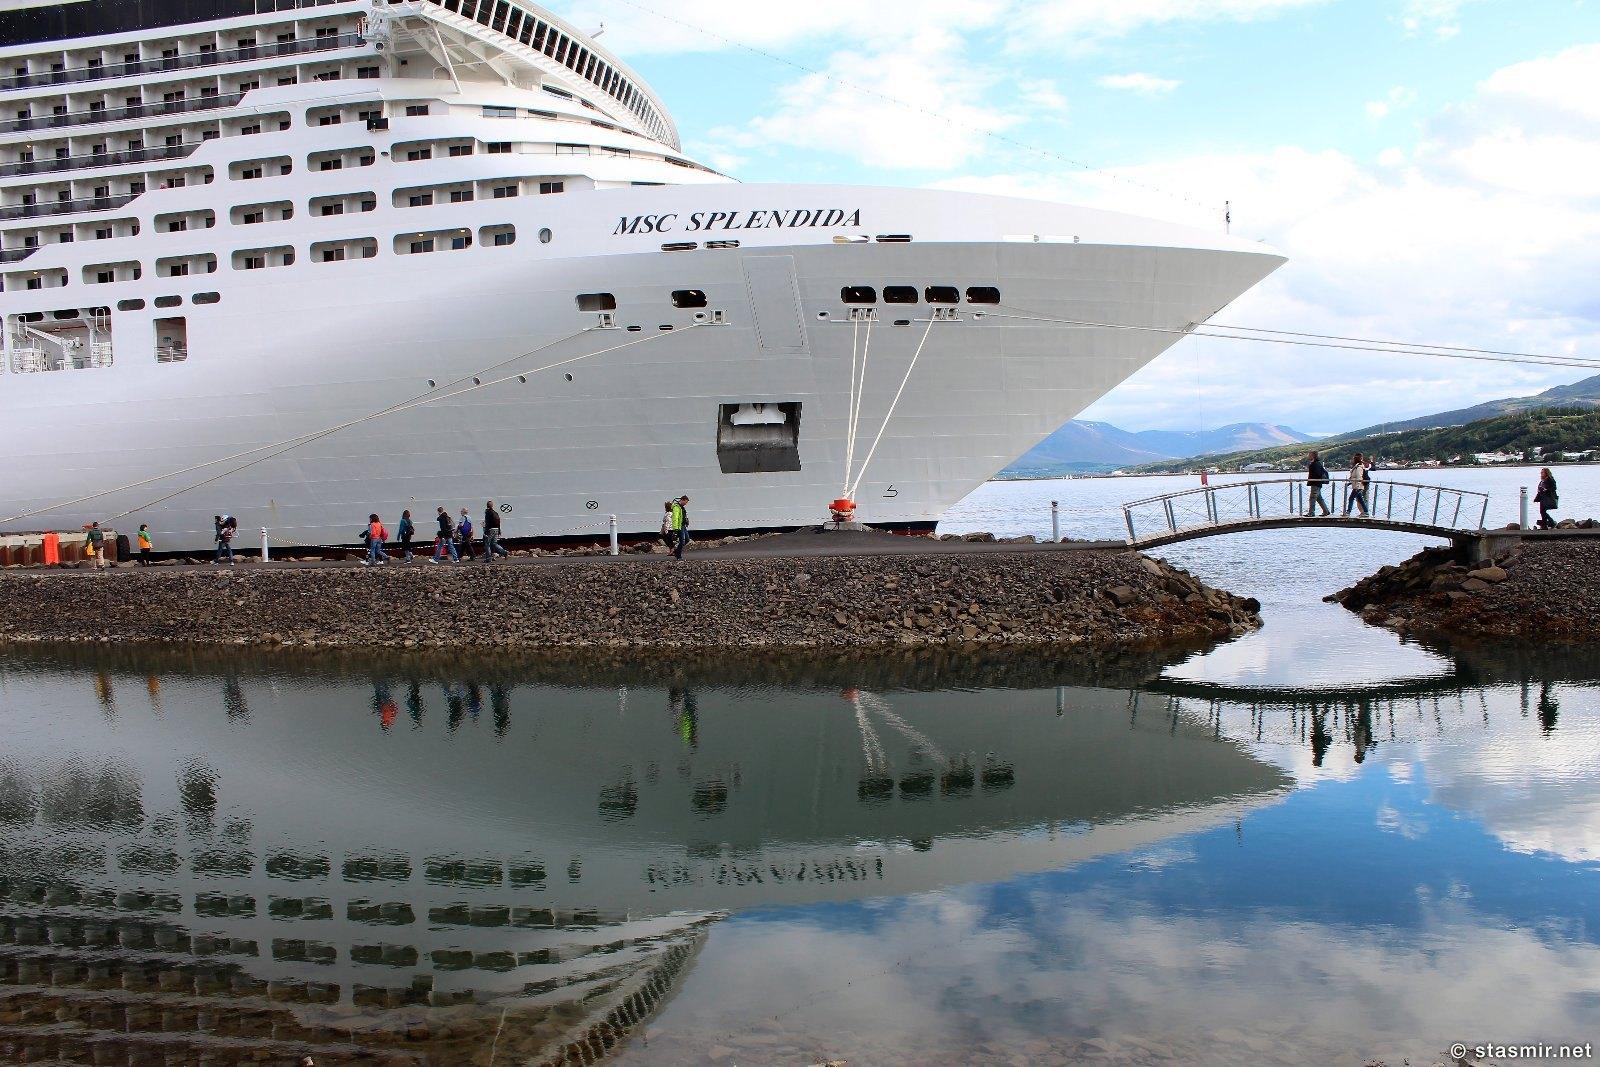 Пароход Splendia в порту Акюрейри в Северной Исландии, фото Стасмир, photo Stasmir